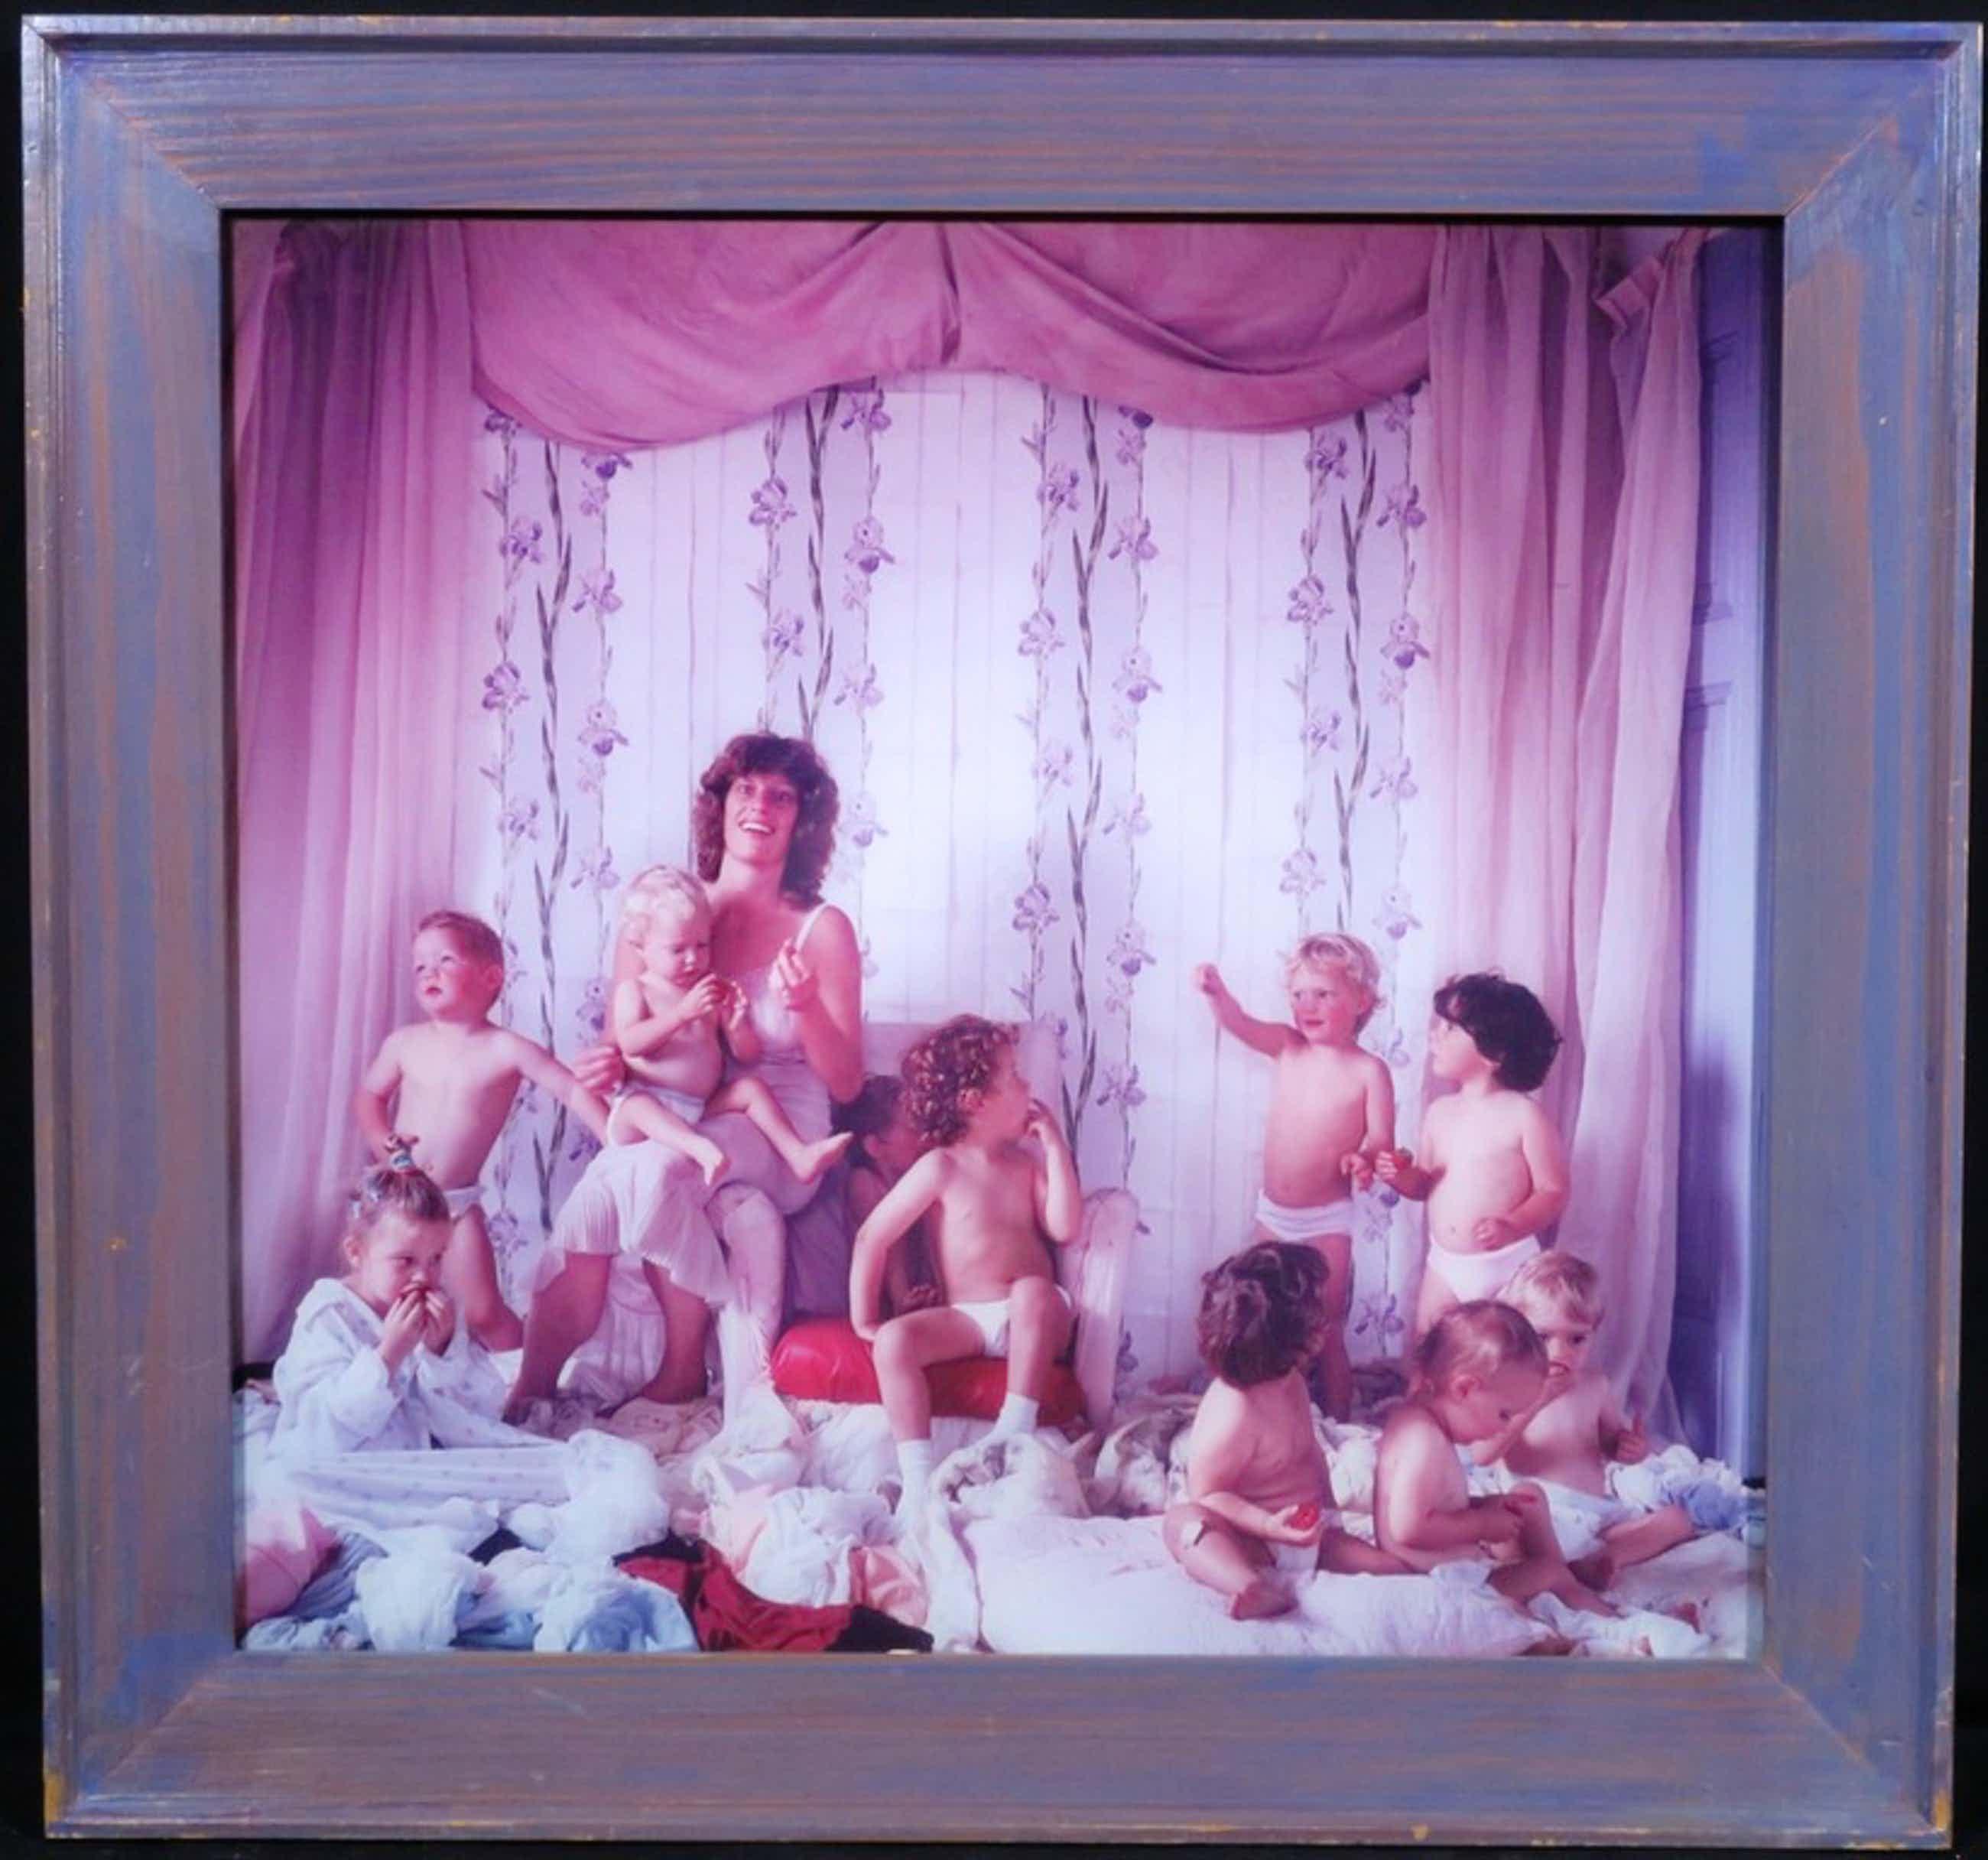 Margriet Smulders: Foto op dibond, Rianda met 10 kindjes - Ingelijst kopen? Bied vanaf 70!